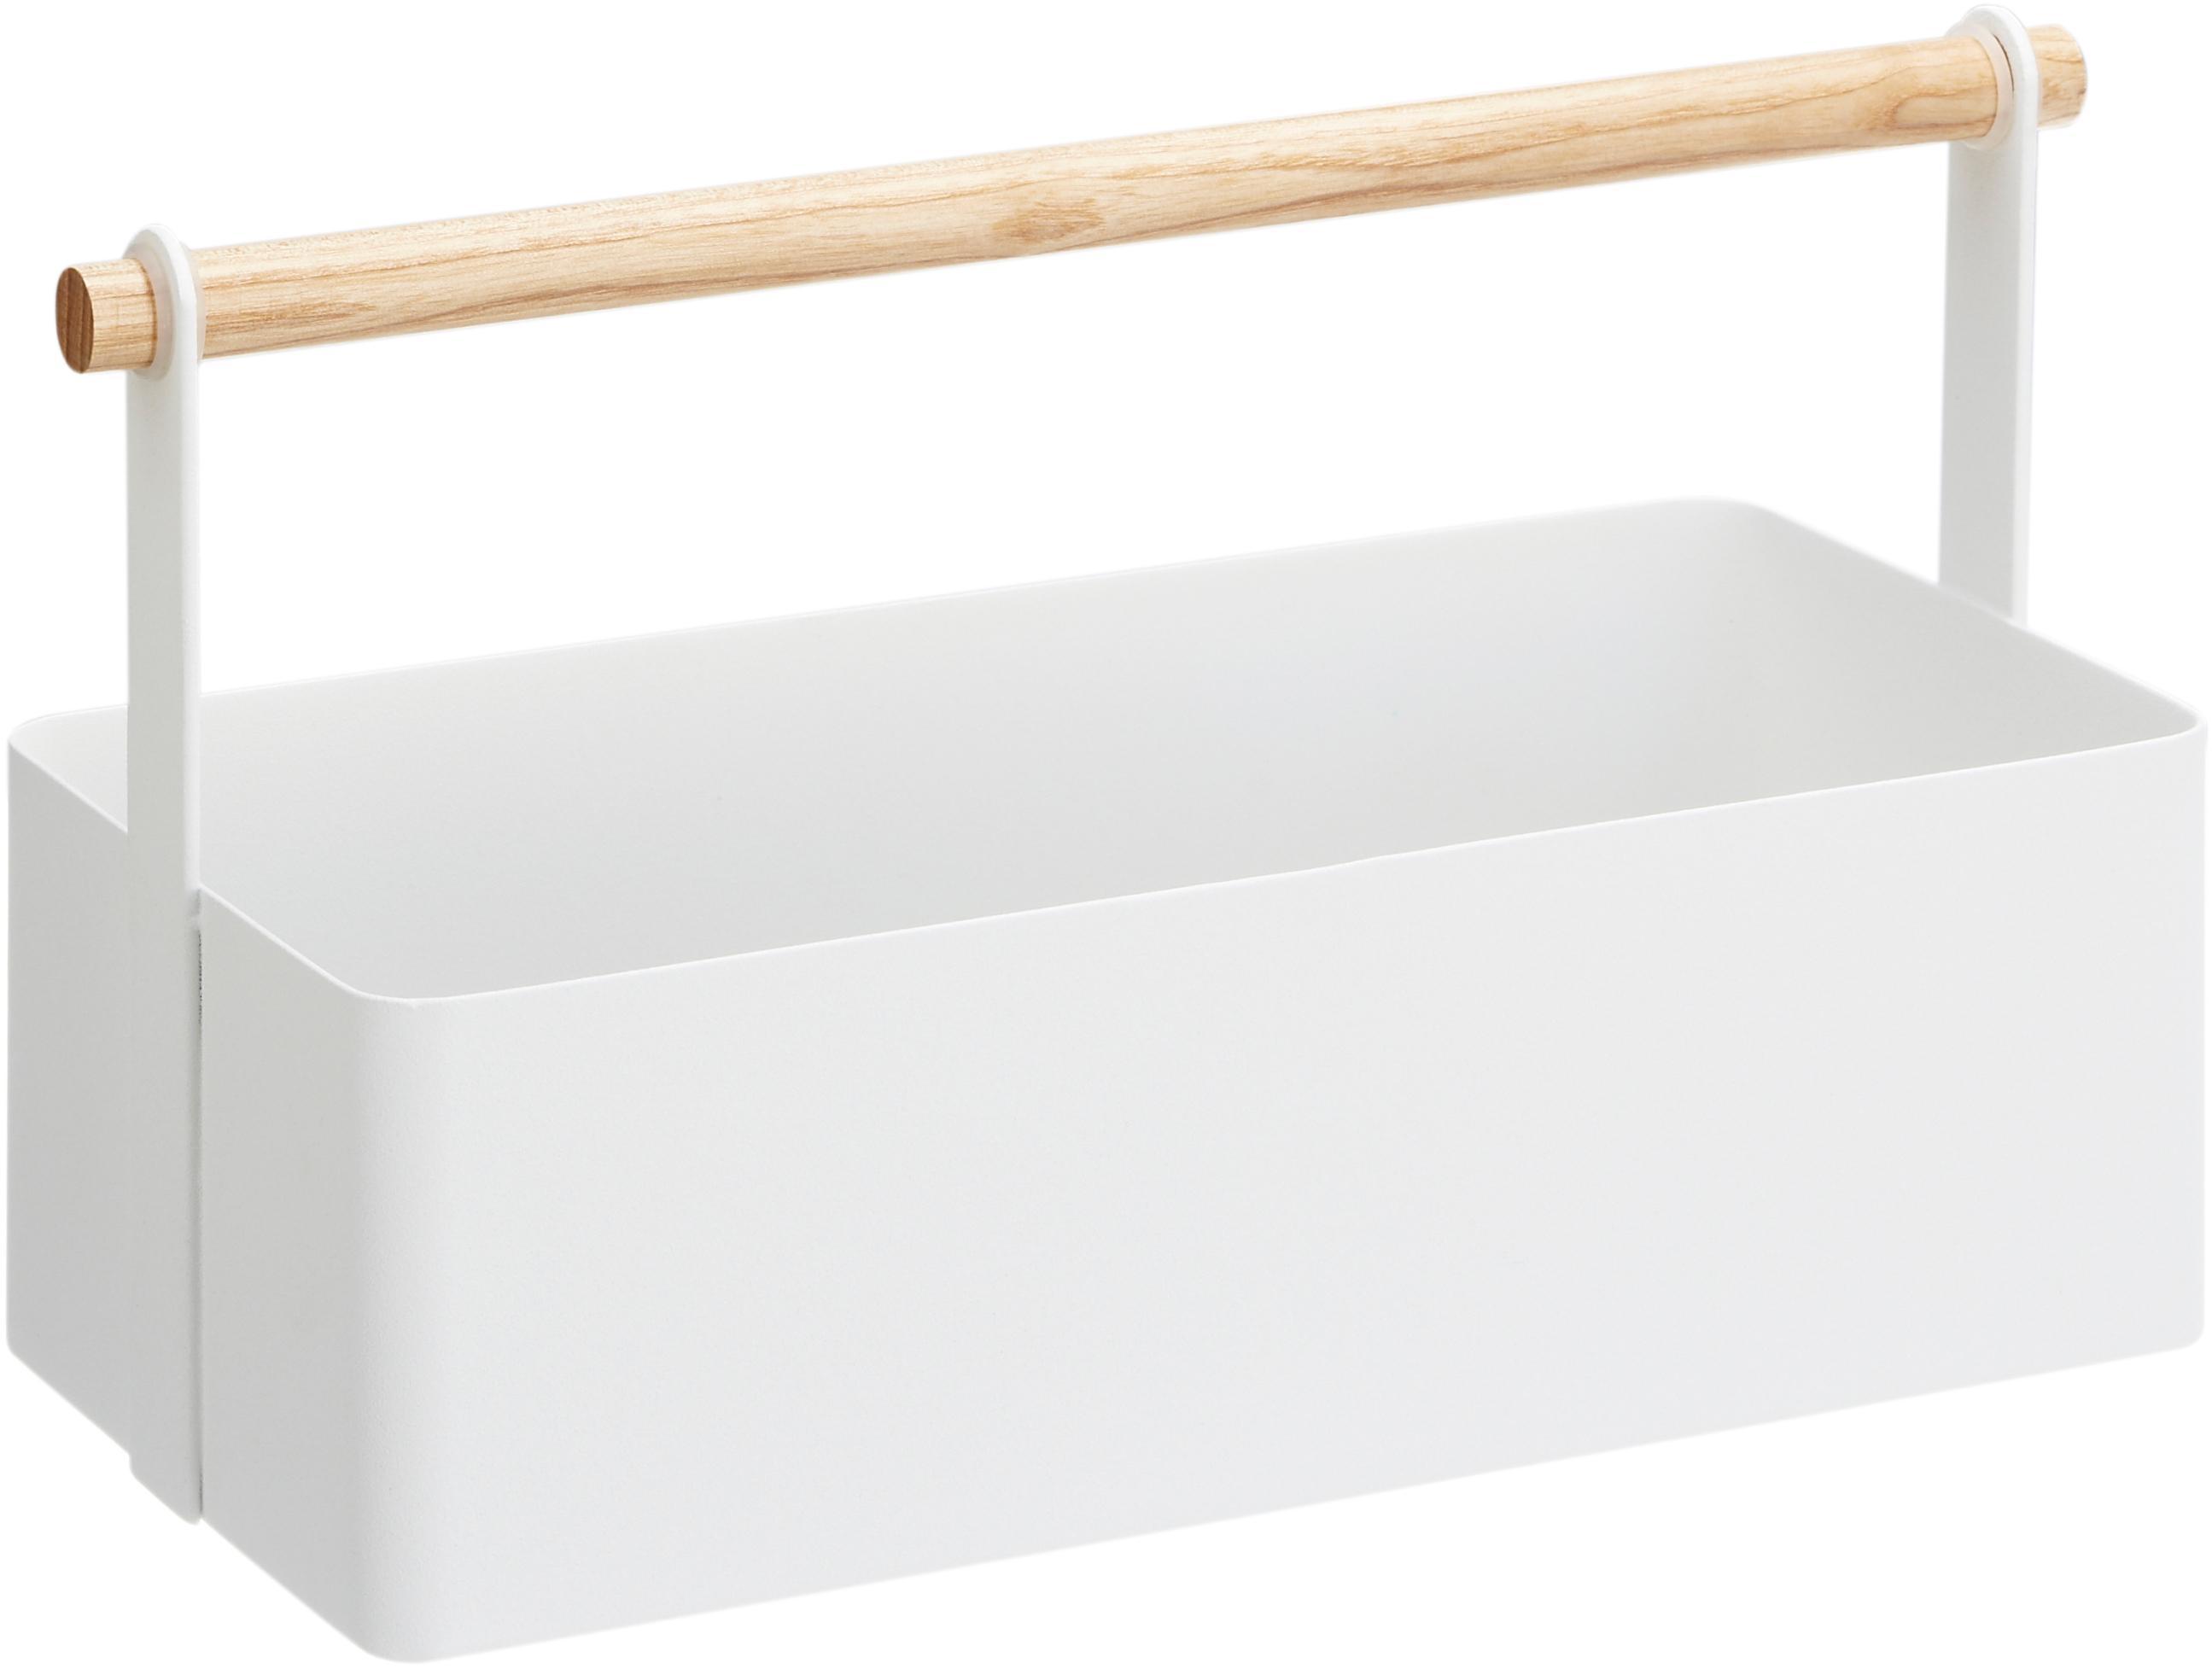 Aufbewahrungskorb Tosca, Box: Stahl, lackiert, Griff: Holz, Weiss, Braun, 29 x 16 cm